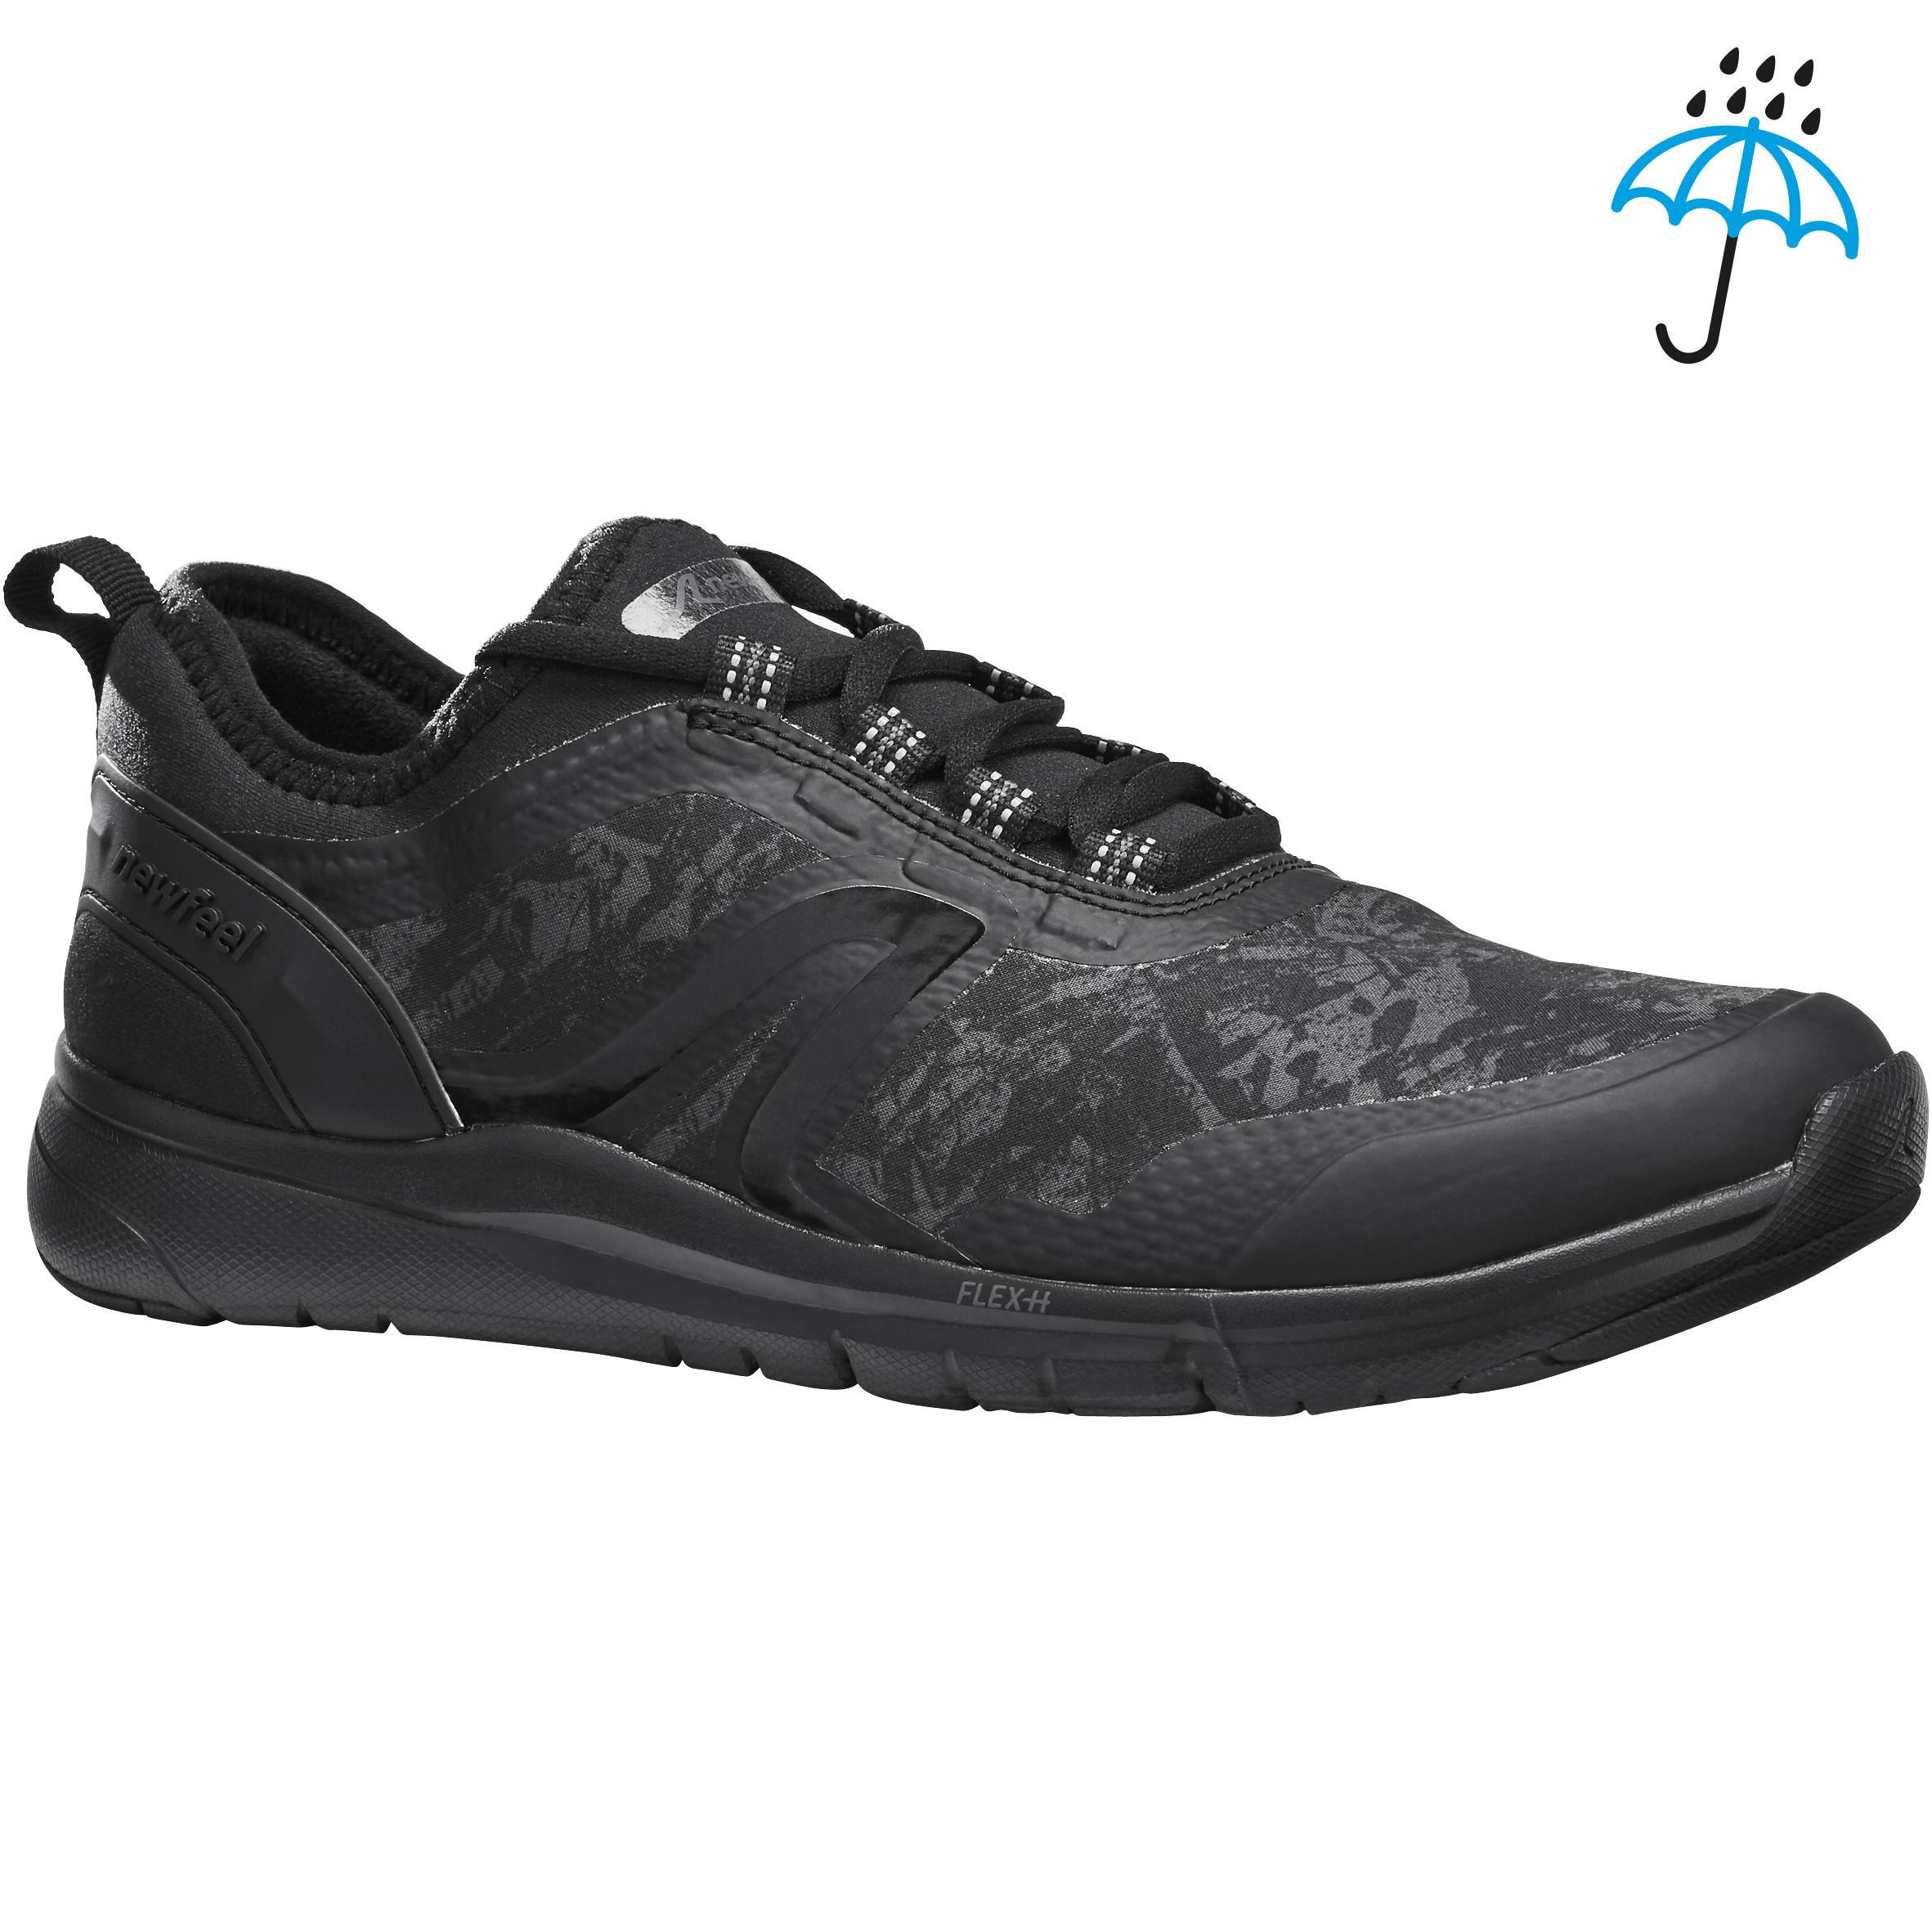 Chaussures marche sportive femme PW 580 imperméables noir